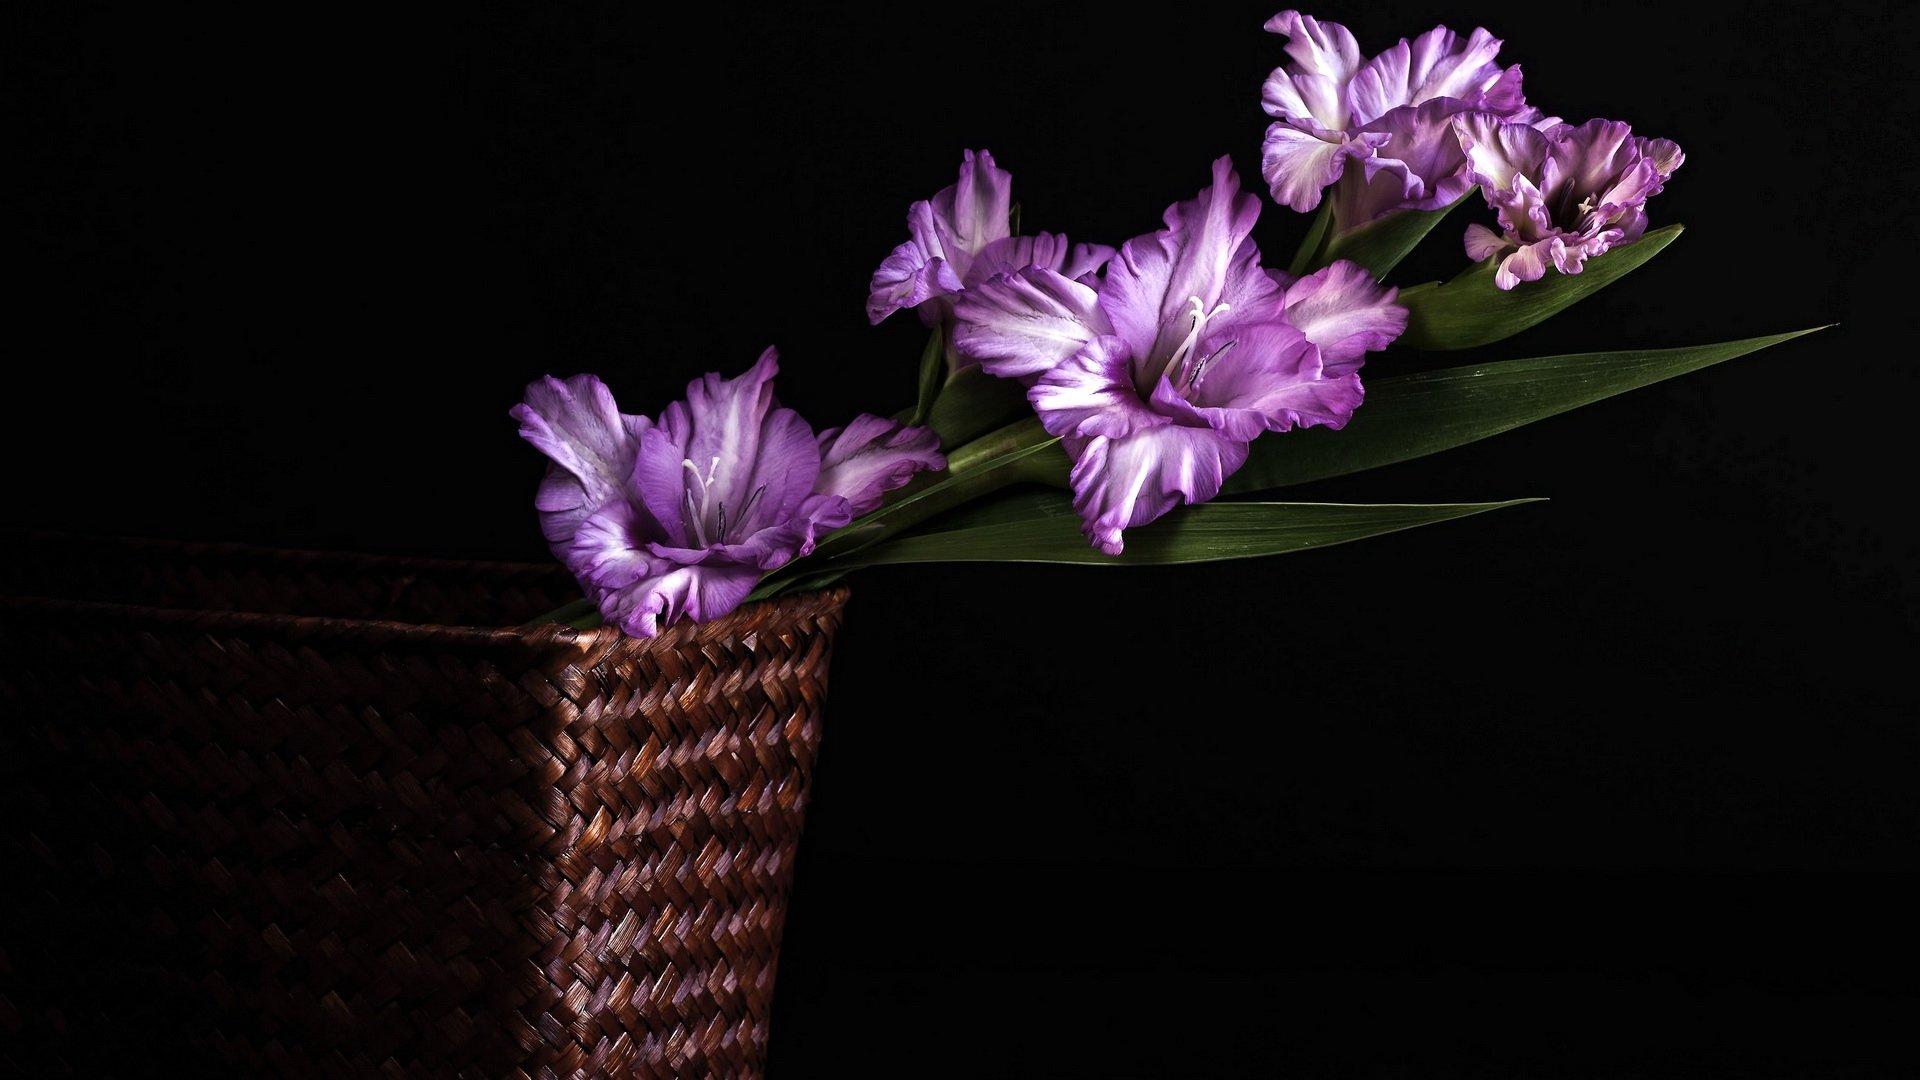 Download Full Hd Purple Flower Desktop Wallpaper Id 286208 For Free